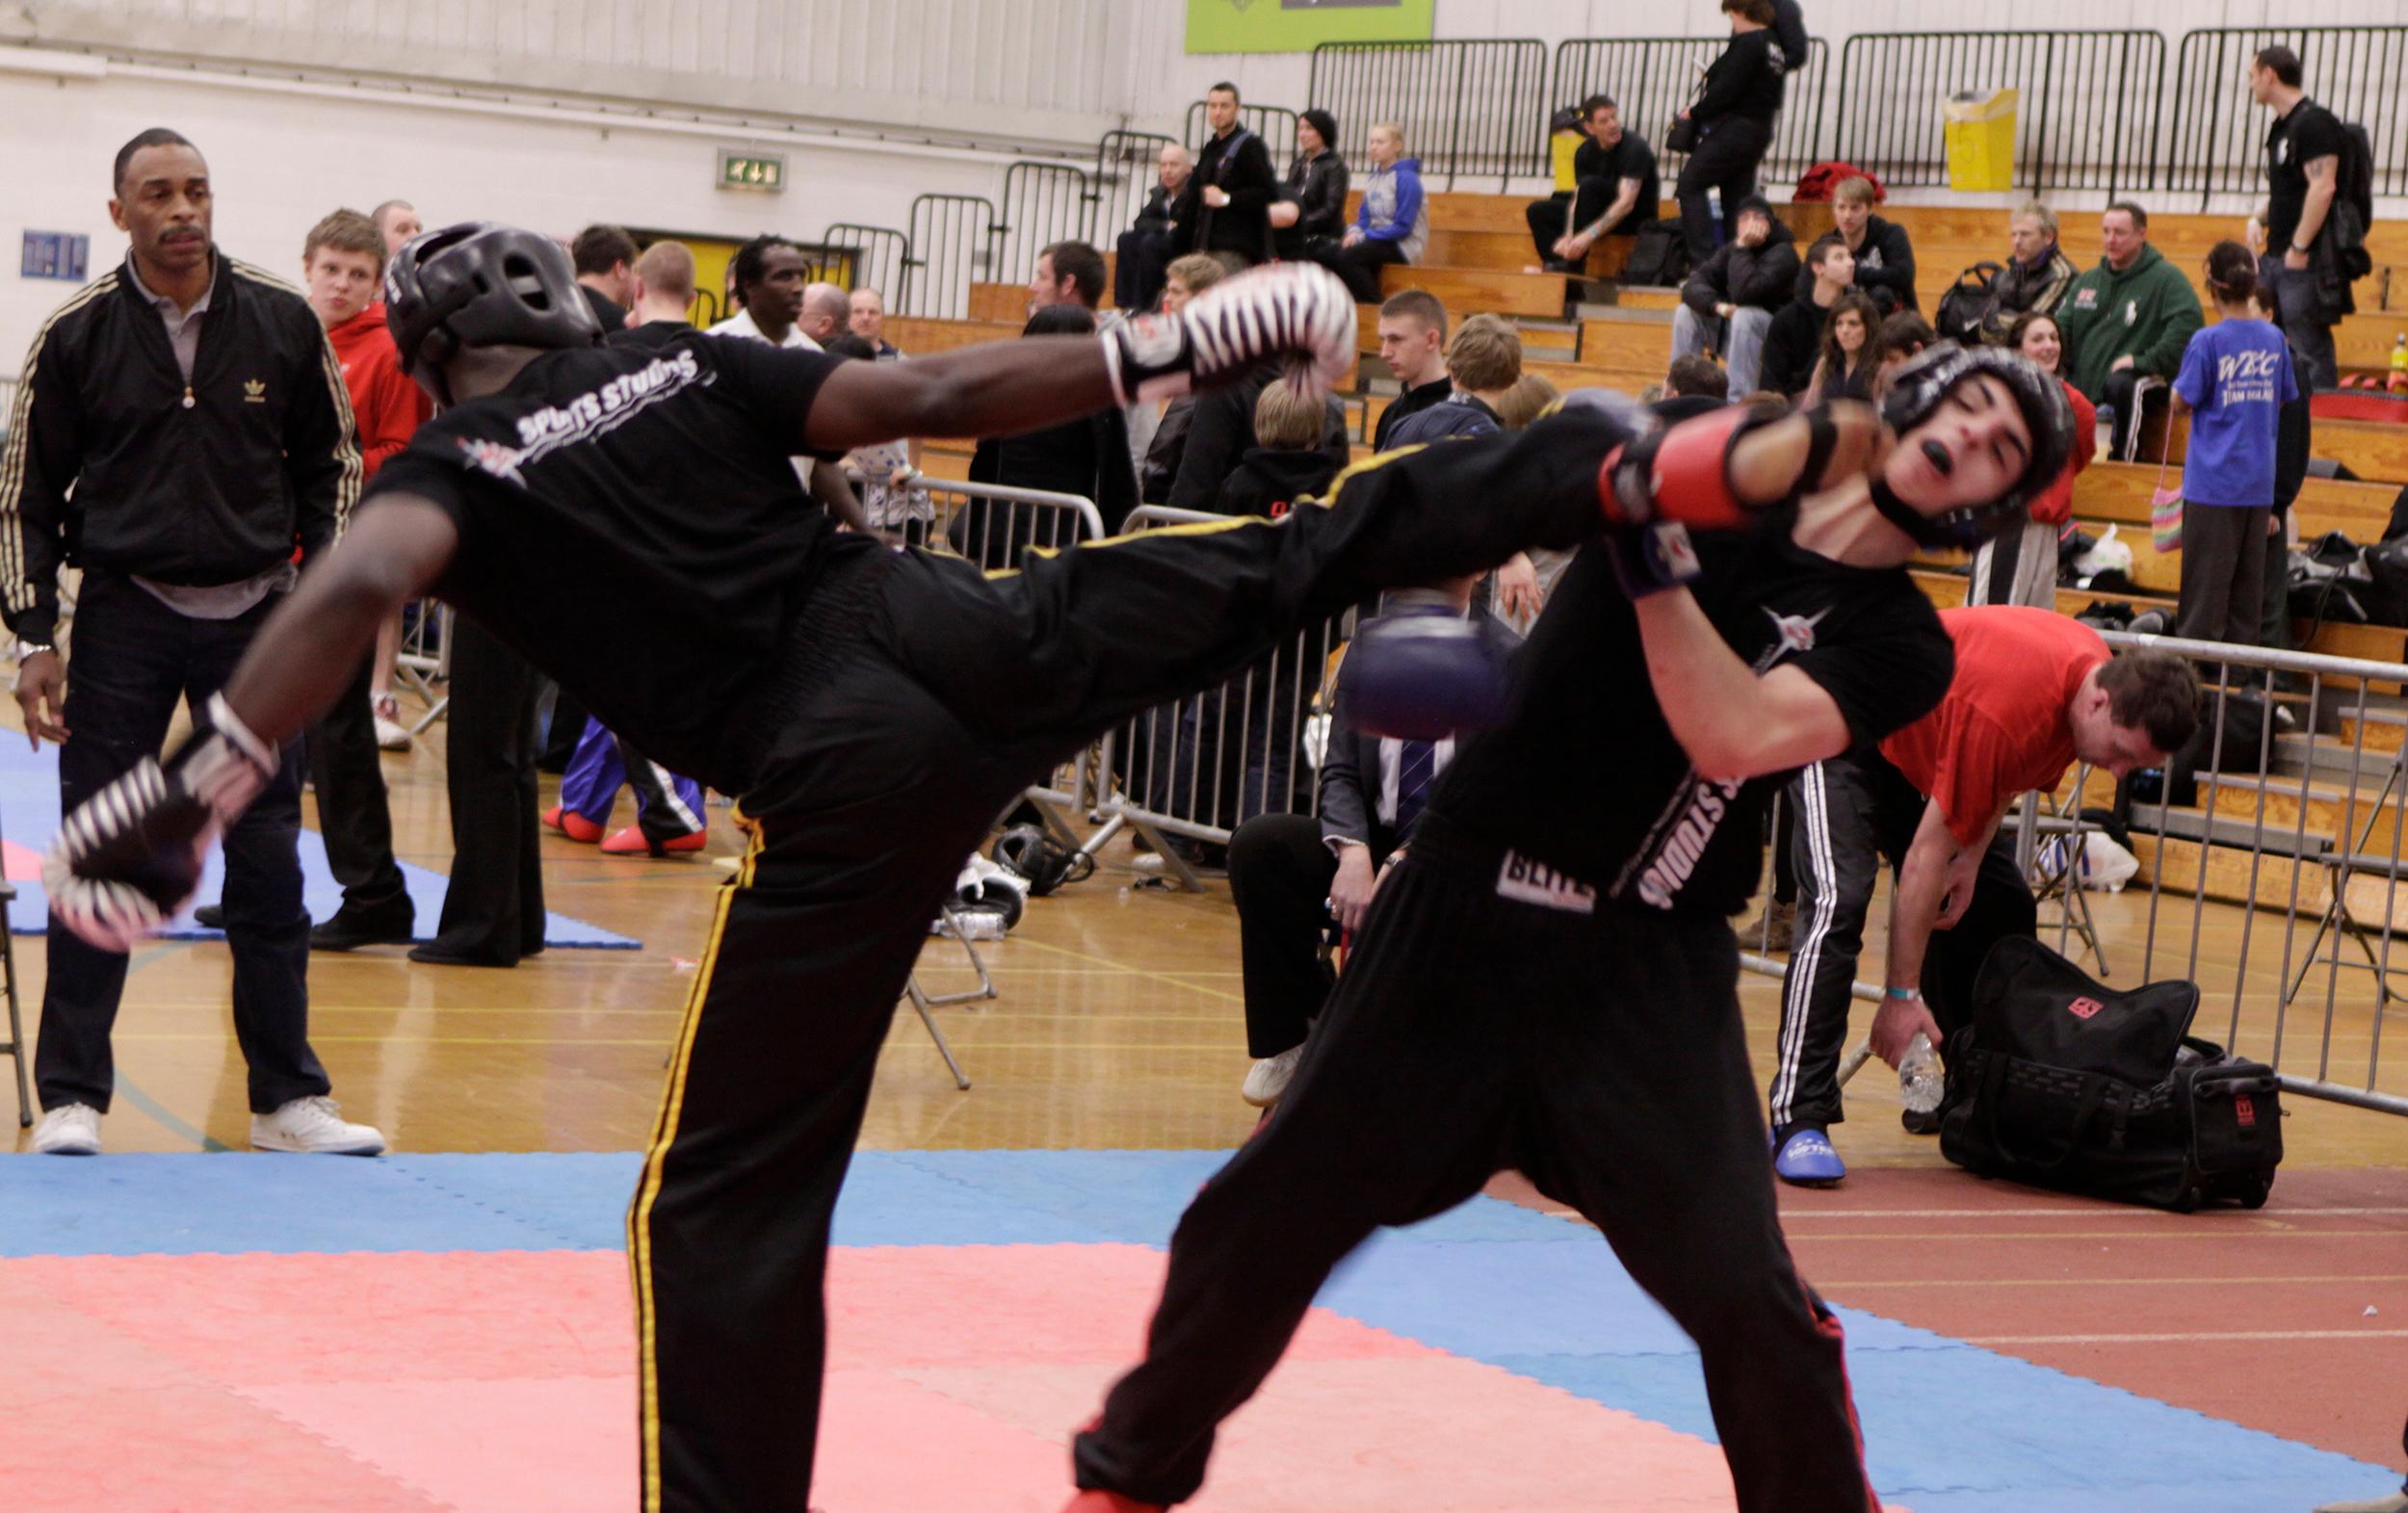 Gavthechamp_WAKO_ Kickboxing.jpg